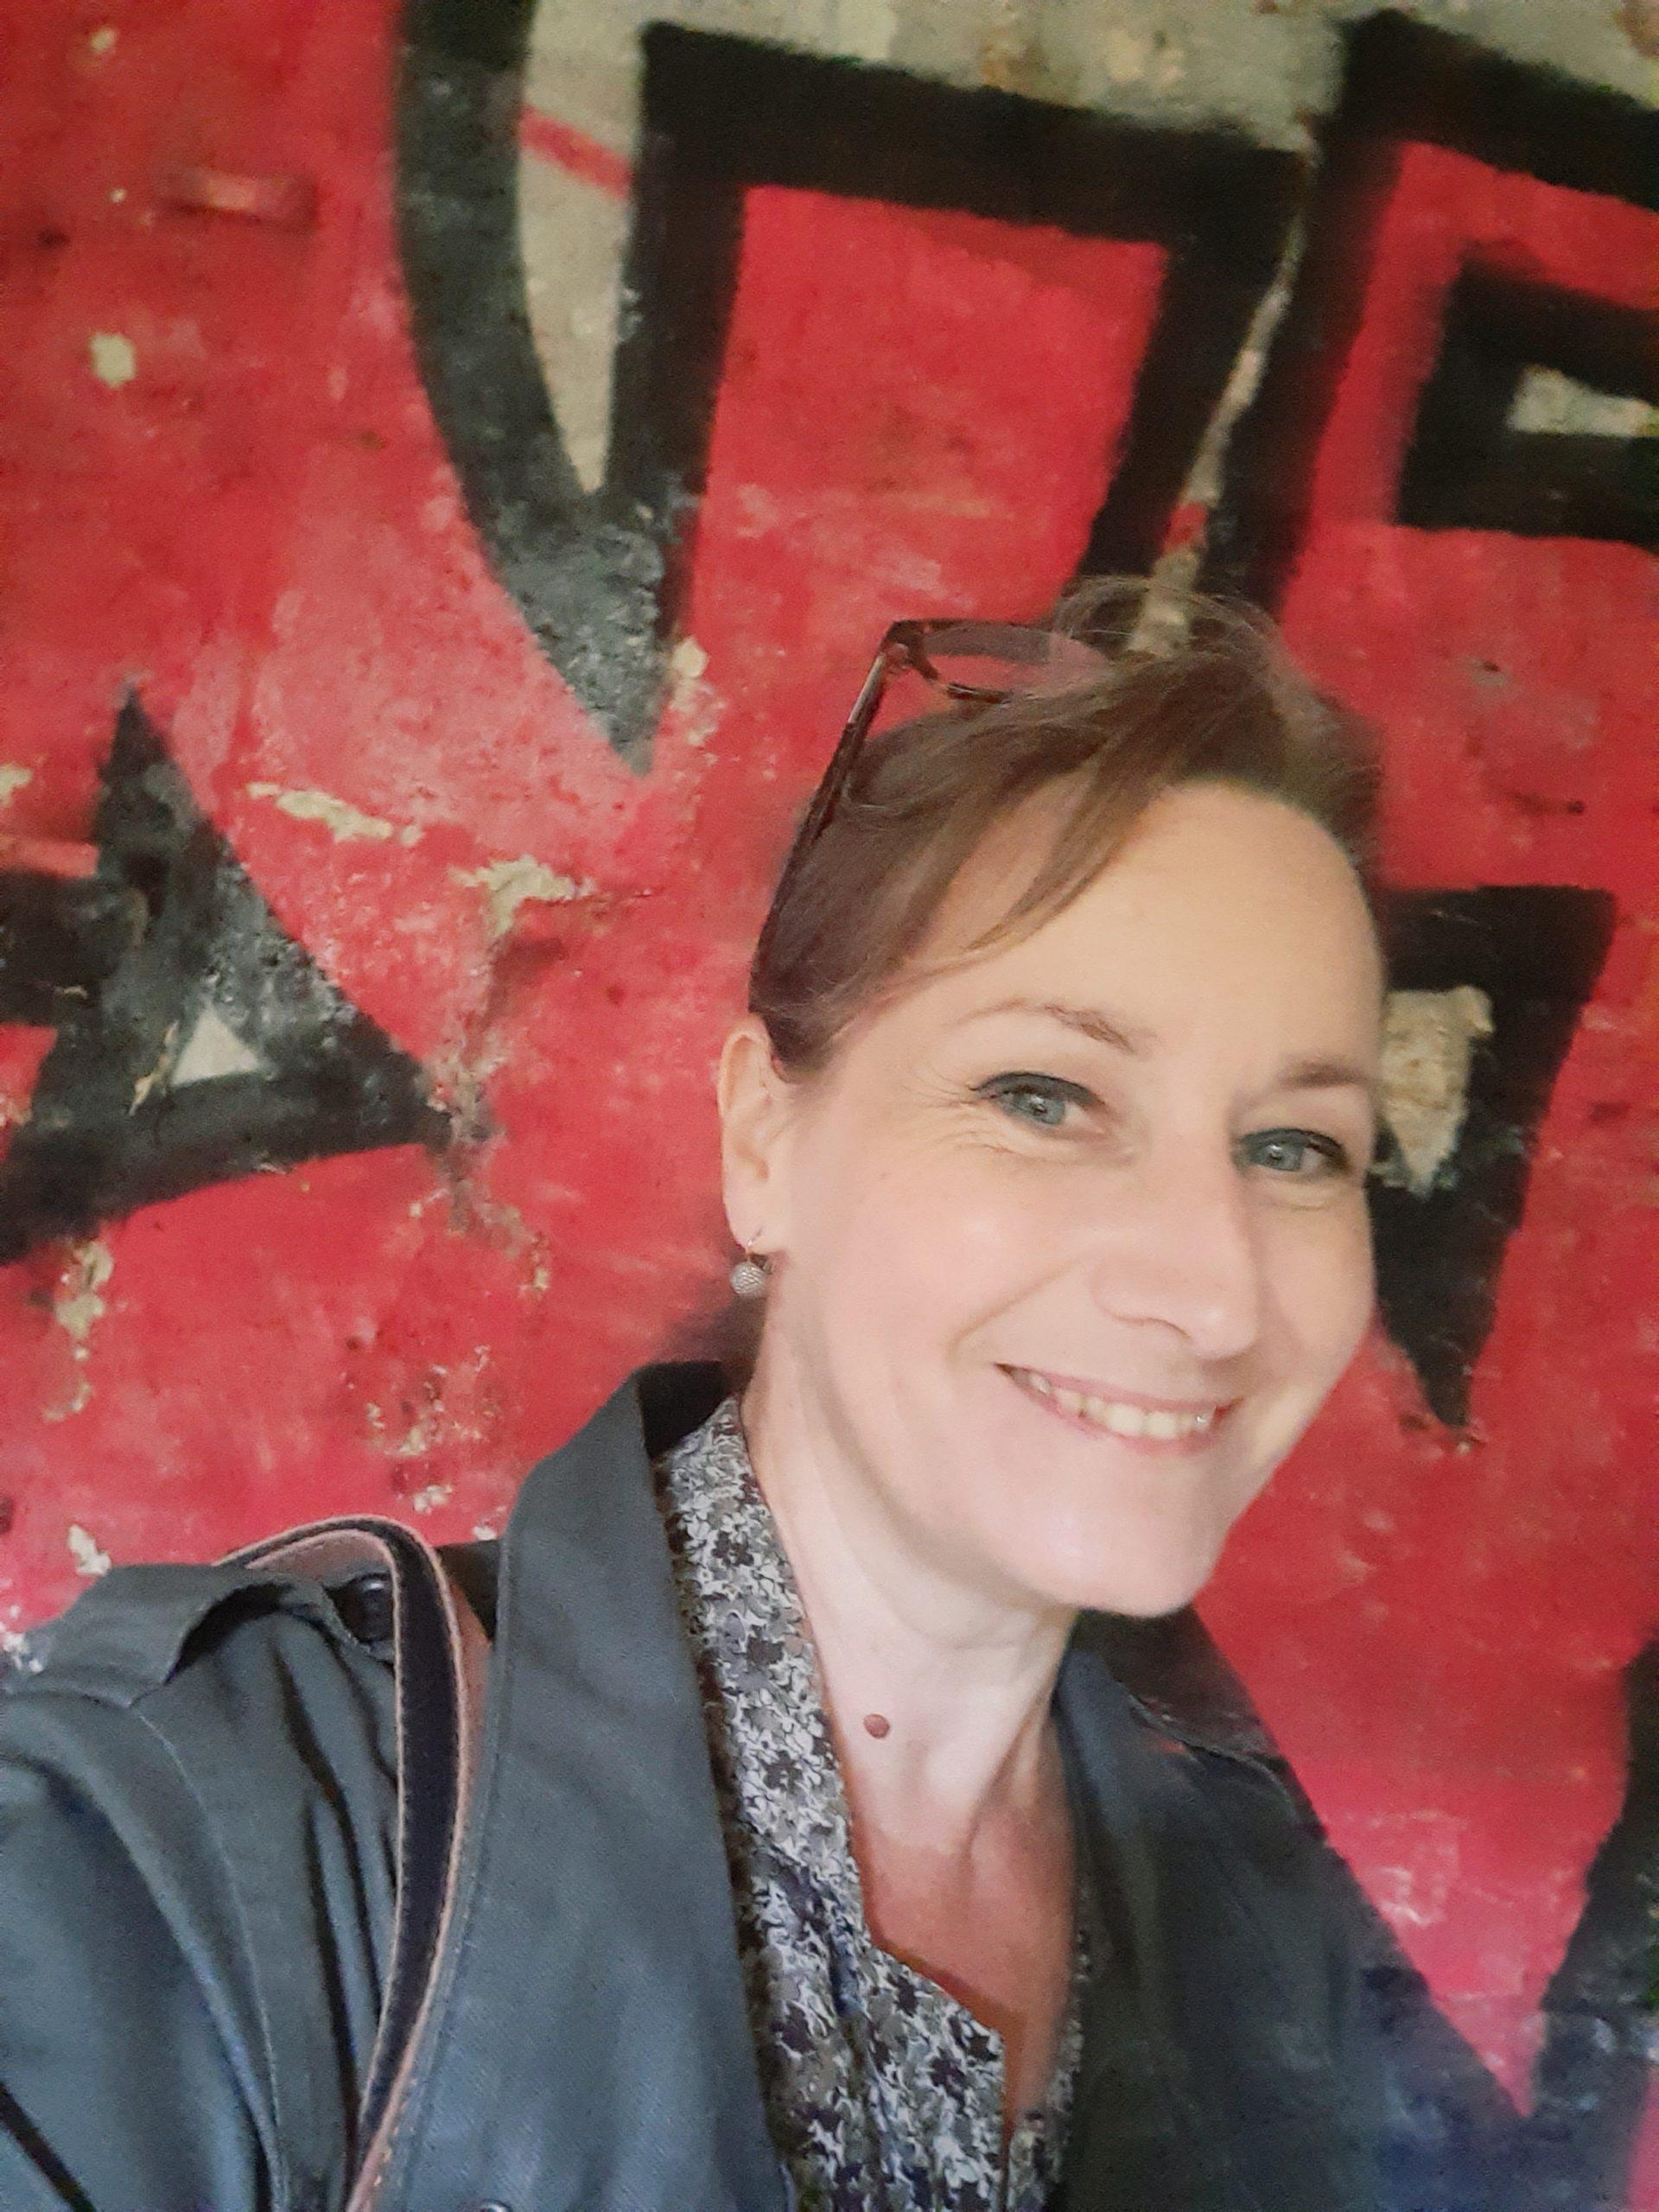 commissaire Valerie ARCONATI credit Valerie Arconati 2020